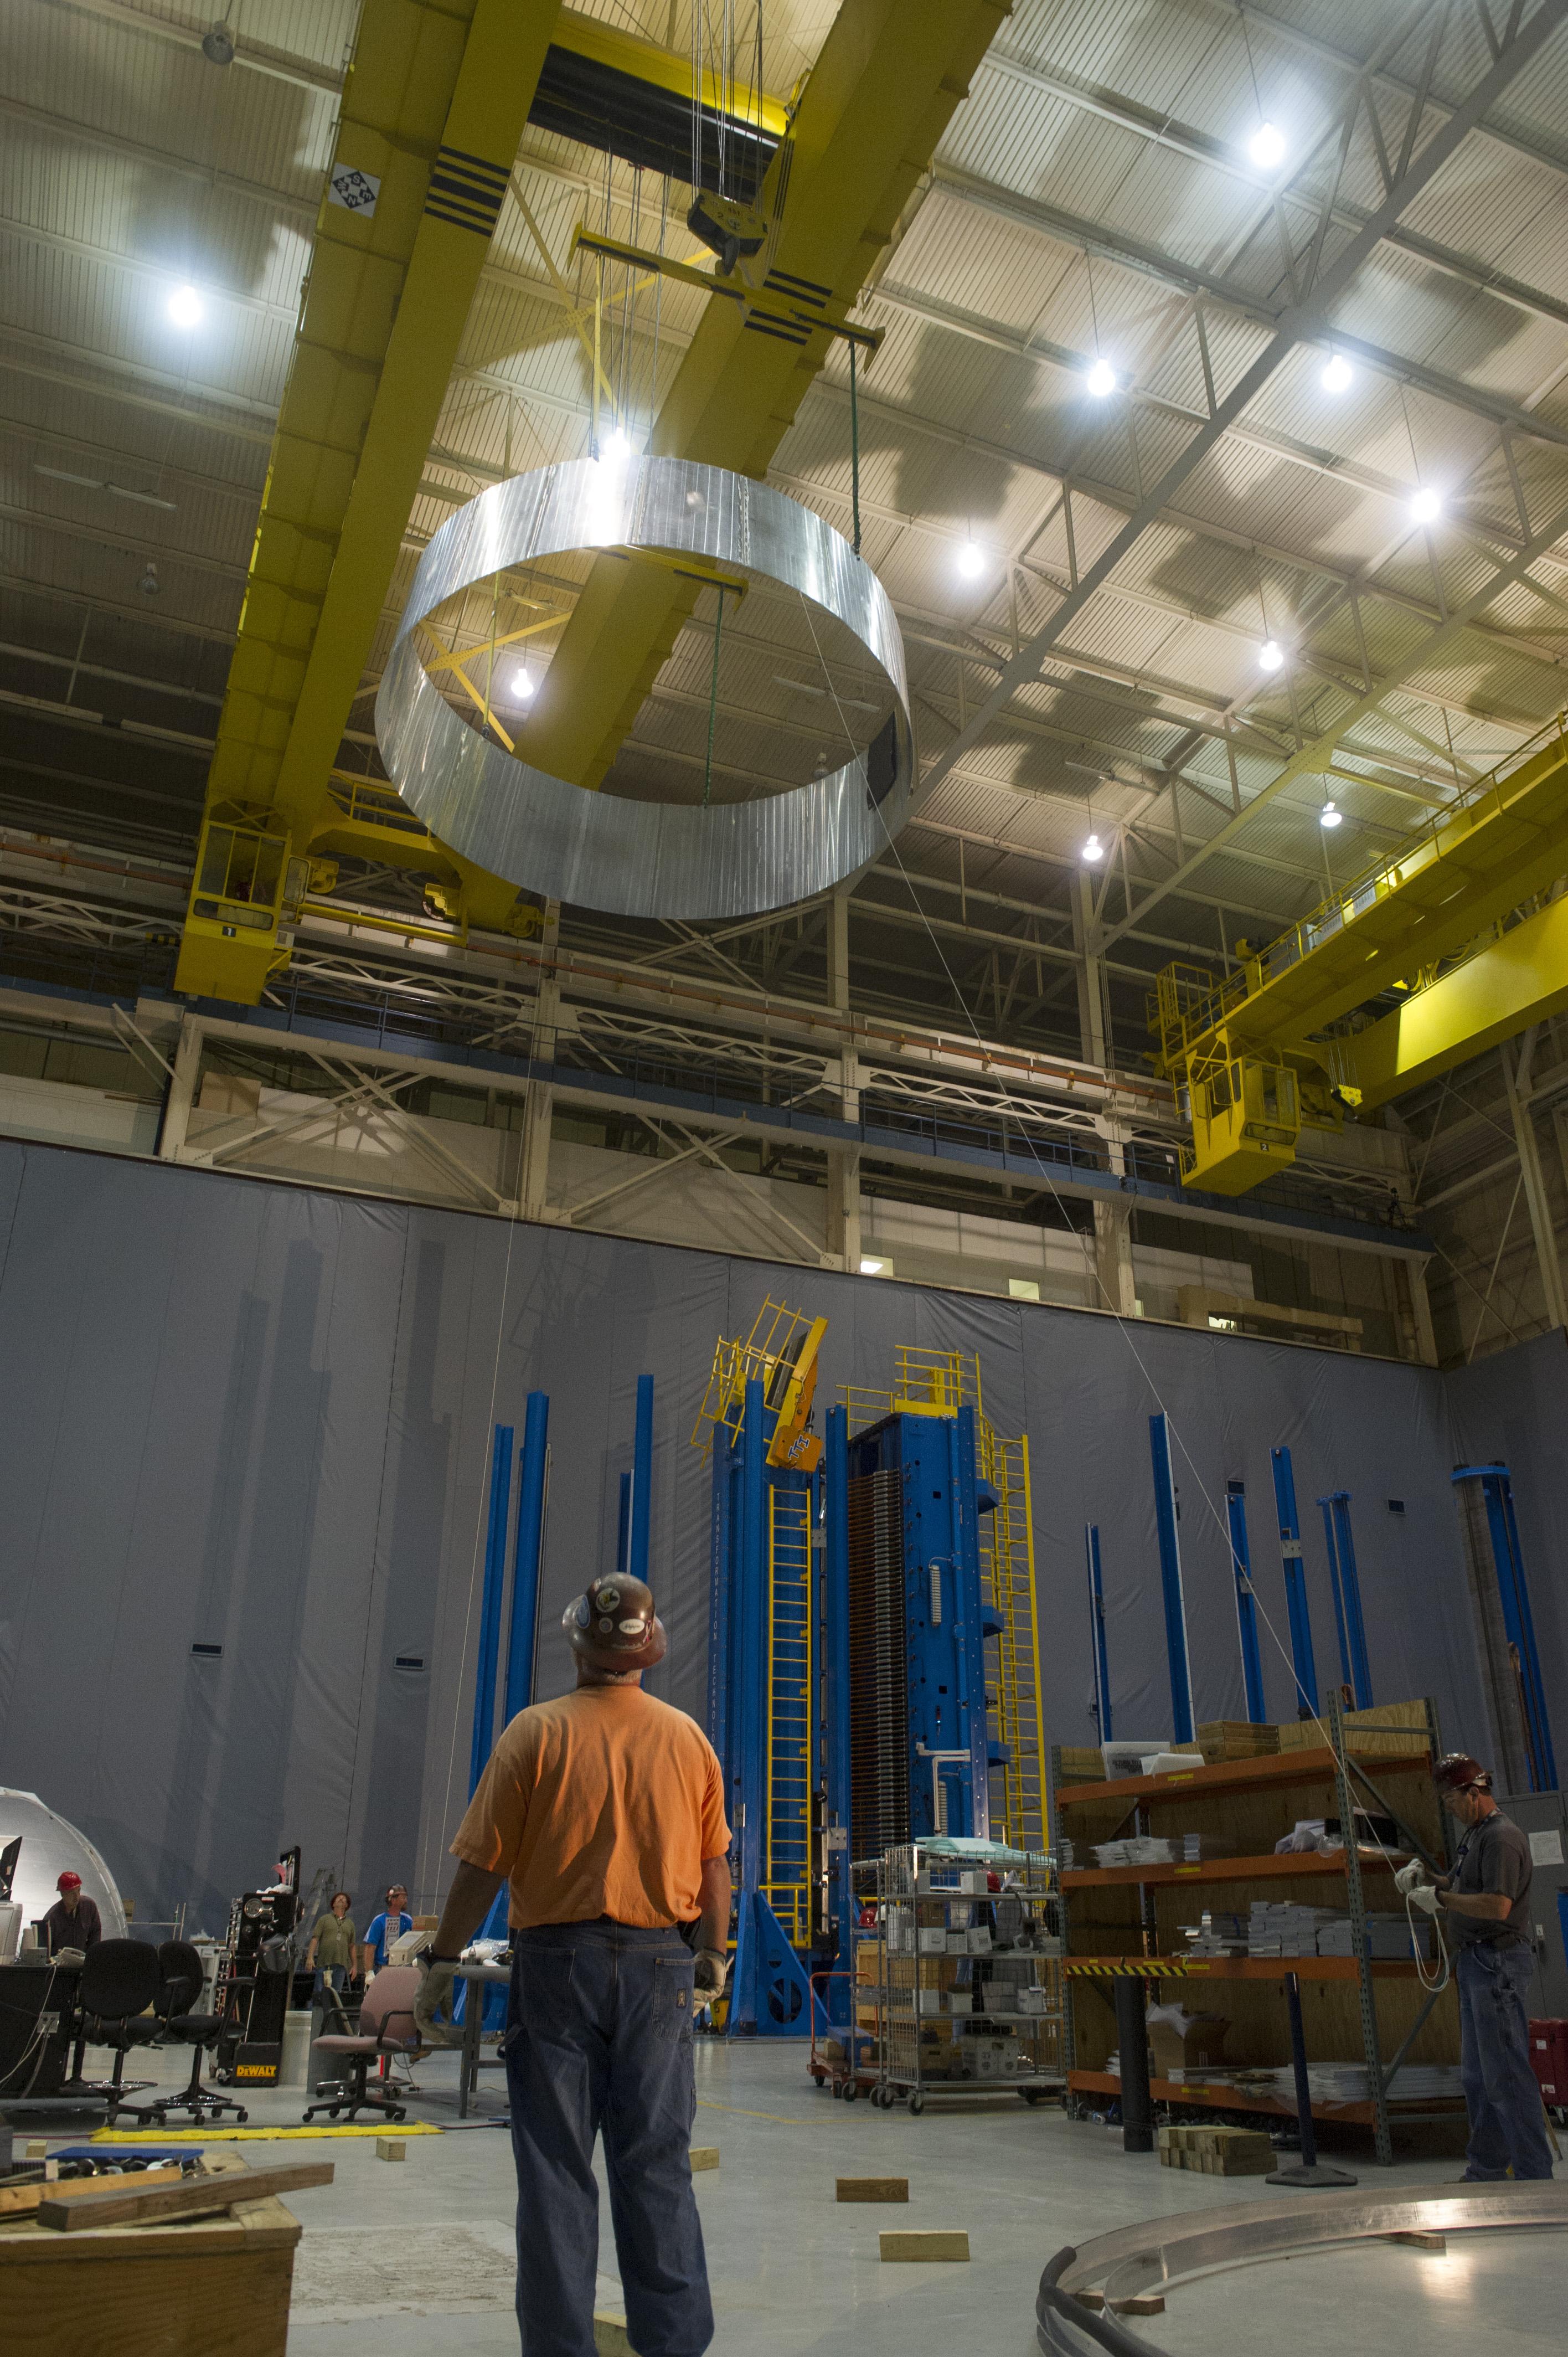 NASA - Marshall Star, October 24, 2012 Edition